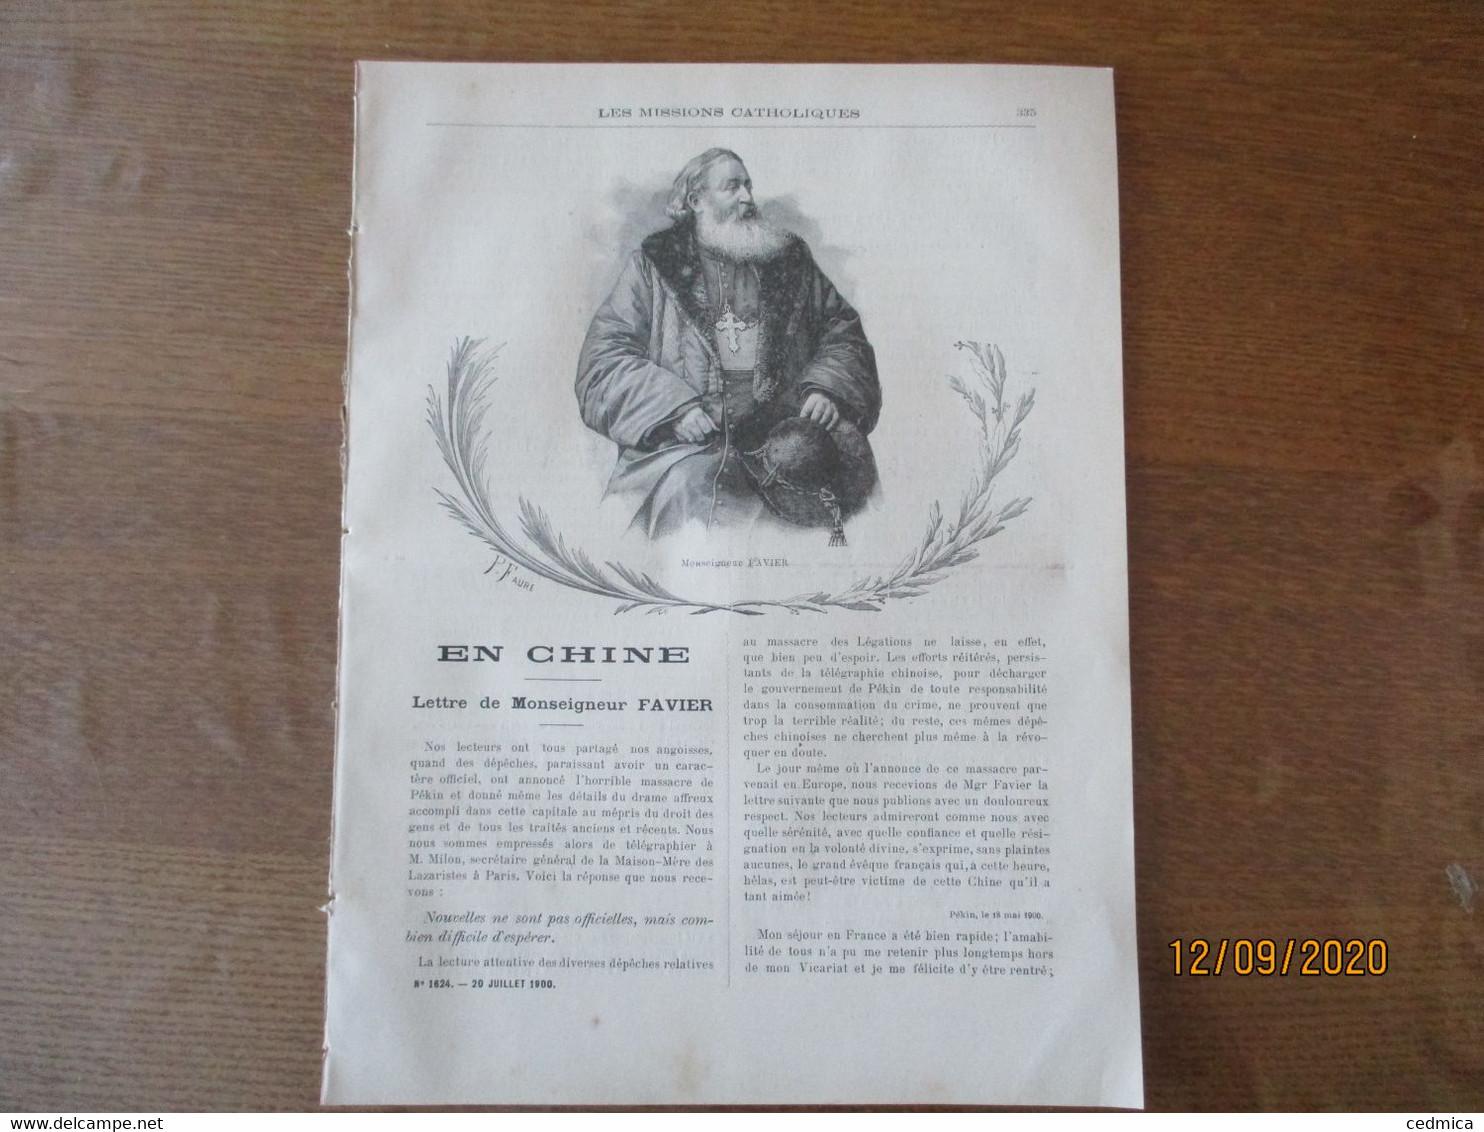 LES MISSIONS CATHOLIQUES DU 20 JUILLET 1900 EN CHINE HOU-NAN MERIDIONAL,TCHE-LI SUD-EST,PEKIN,CHEZ LES FANG GABON,FUMEU - 1900 - 1949